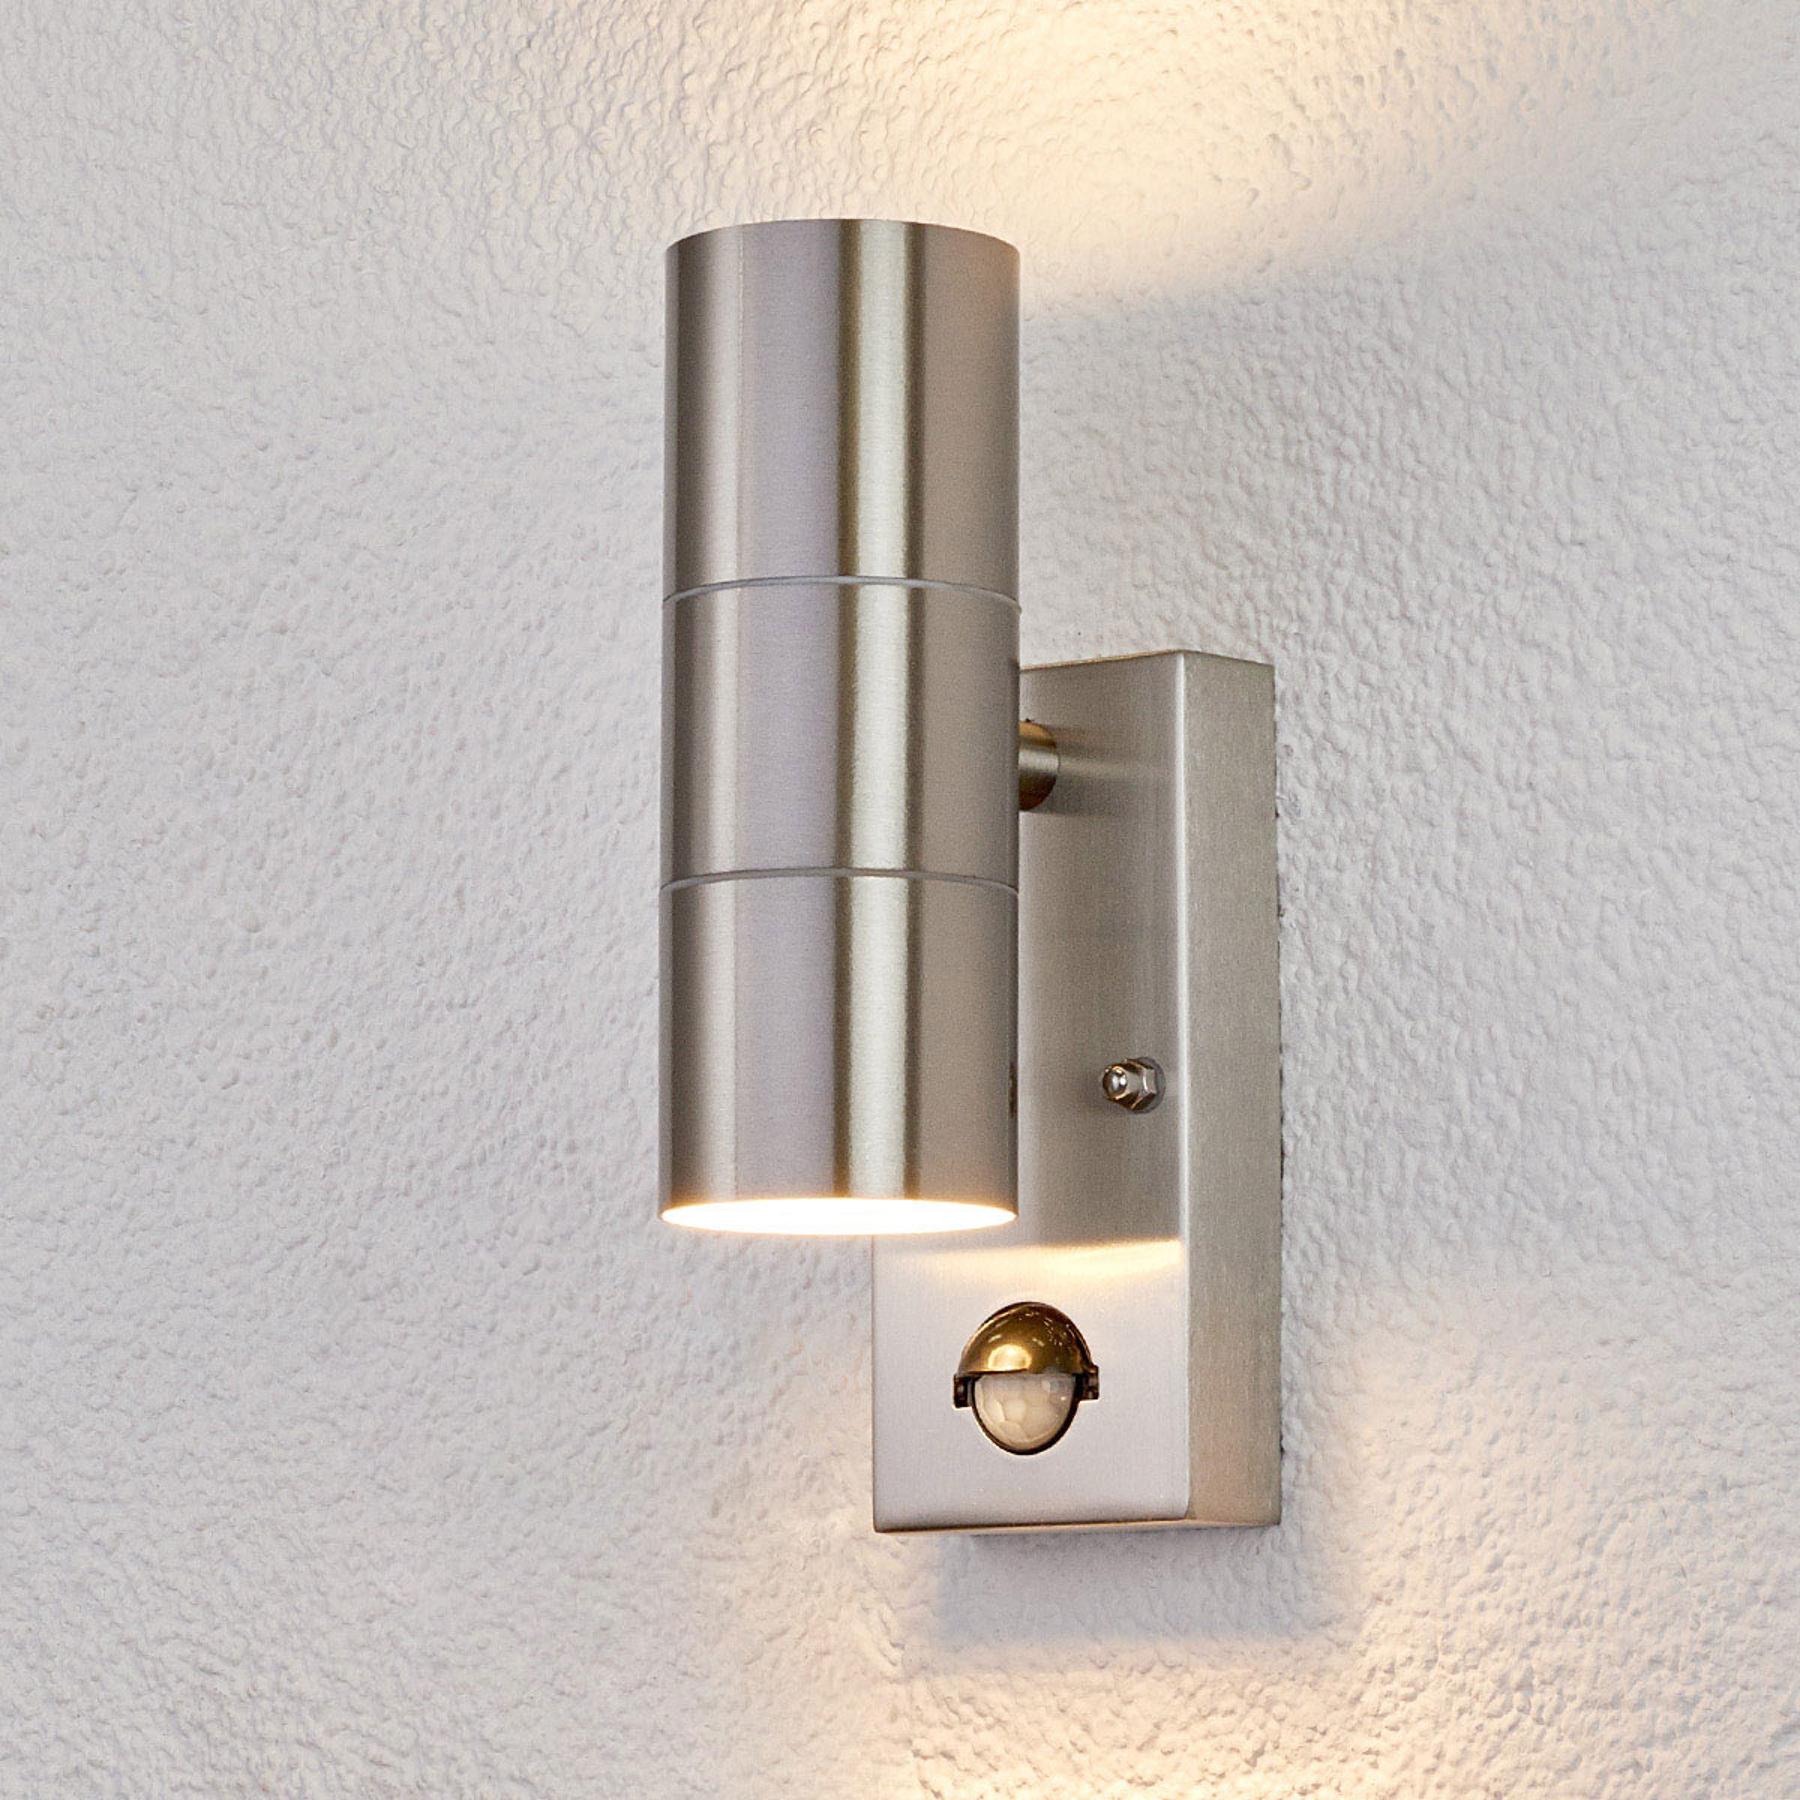 Buitenwandlamp Eyrin met bewegingsmelder